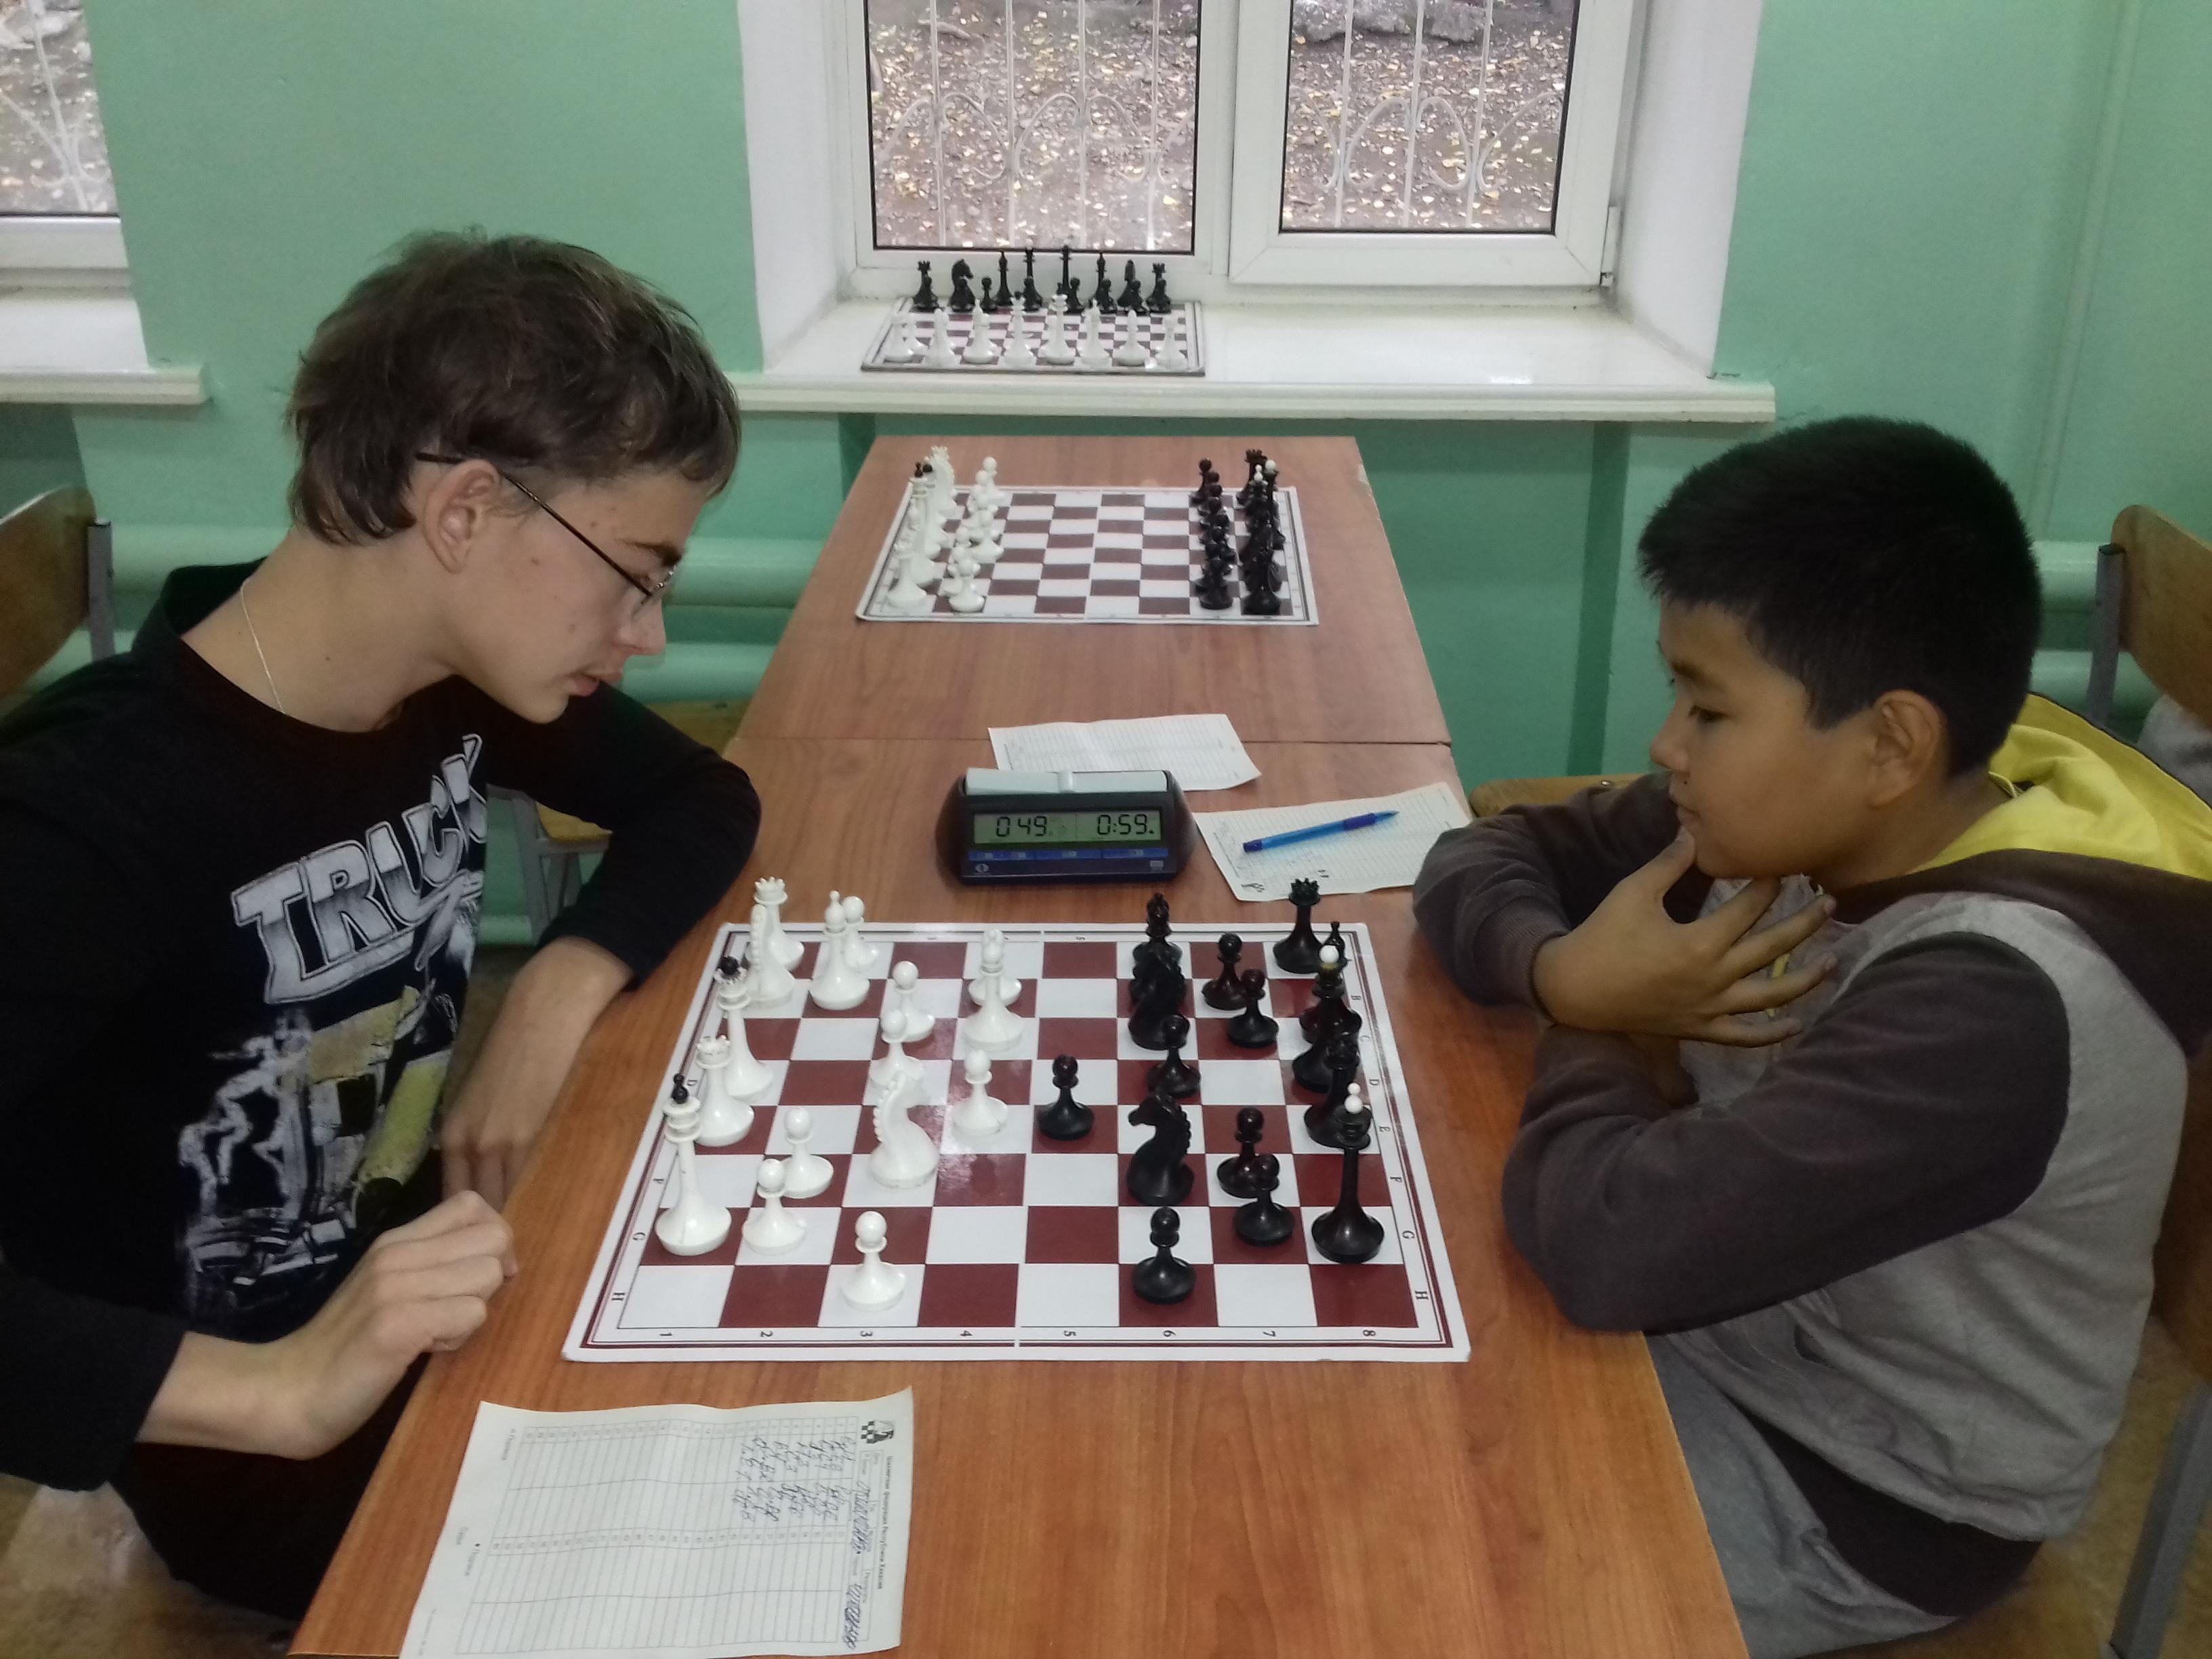 Тимченко(слева) и Чичинин(справа) после летних каникул заметно усилились! Сегодня силы оказались равны.